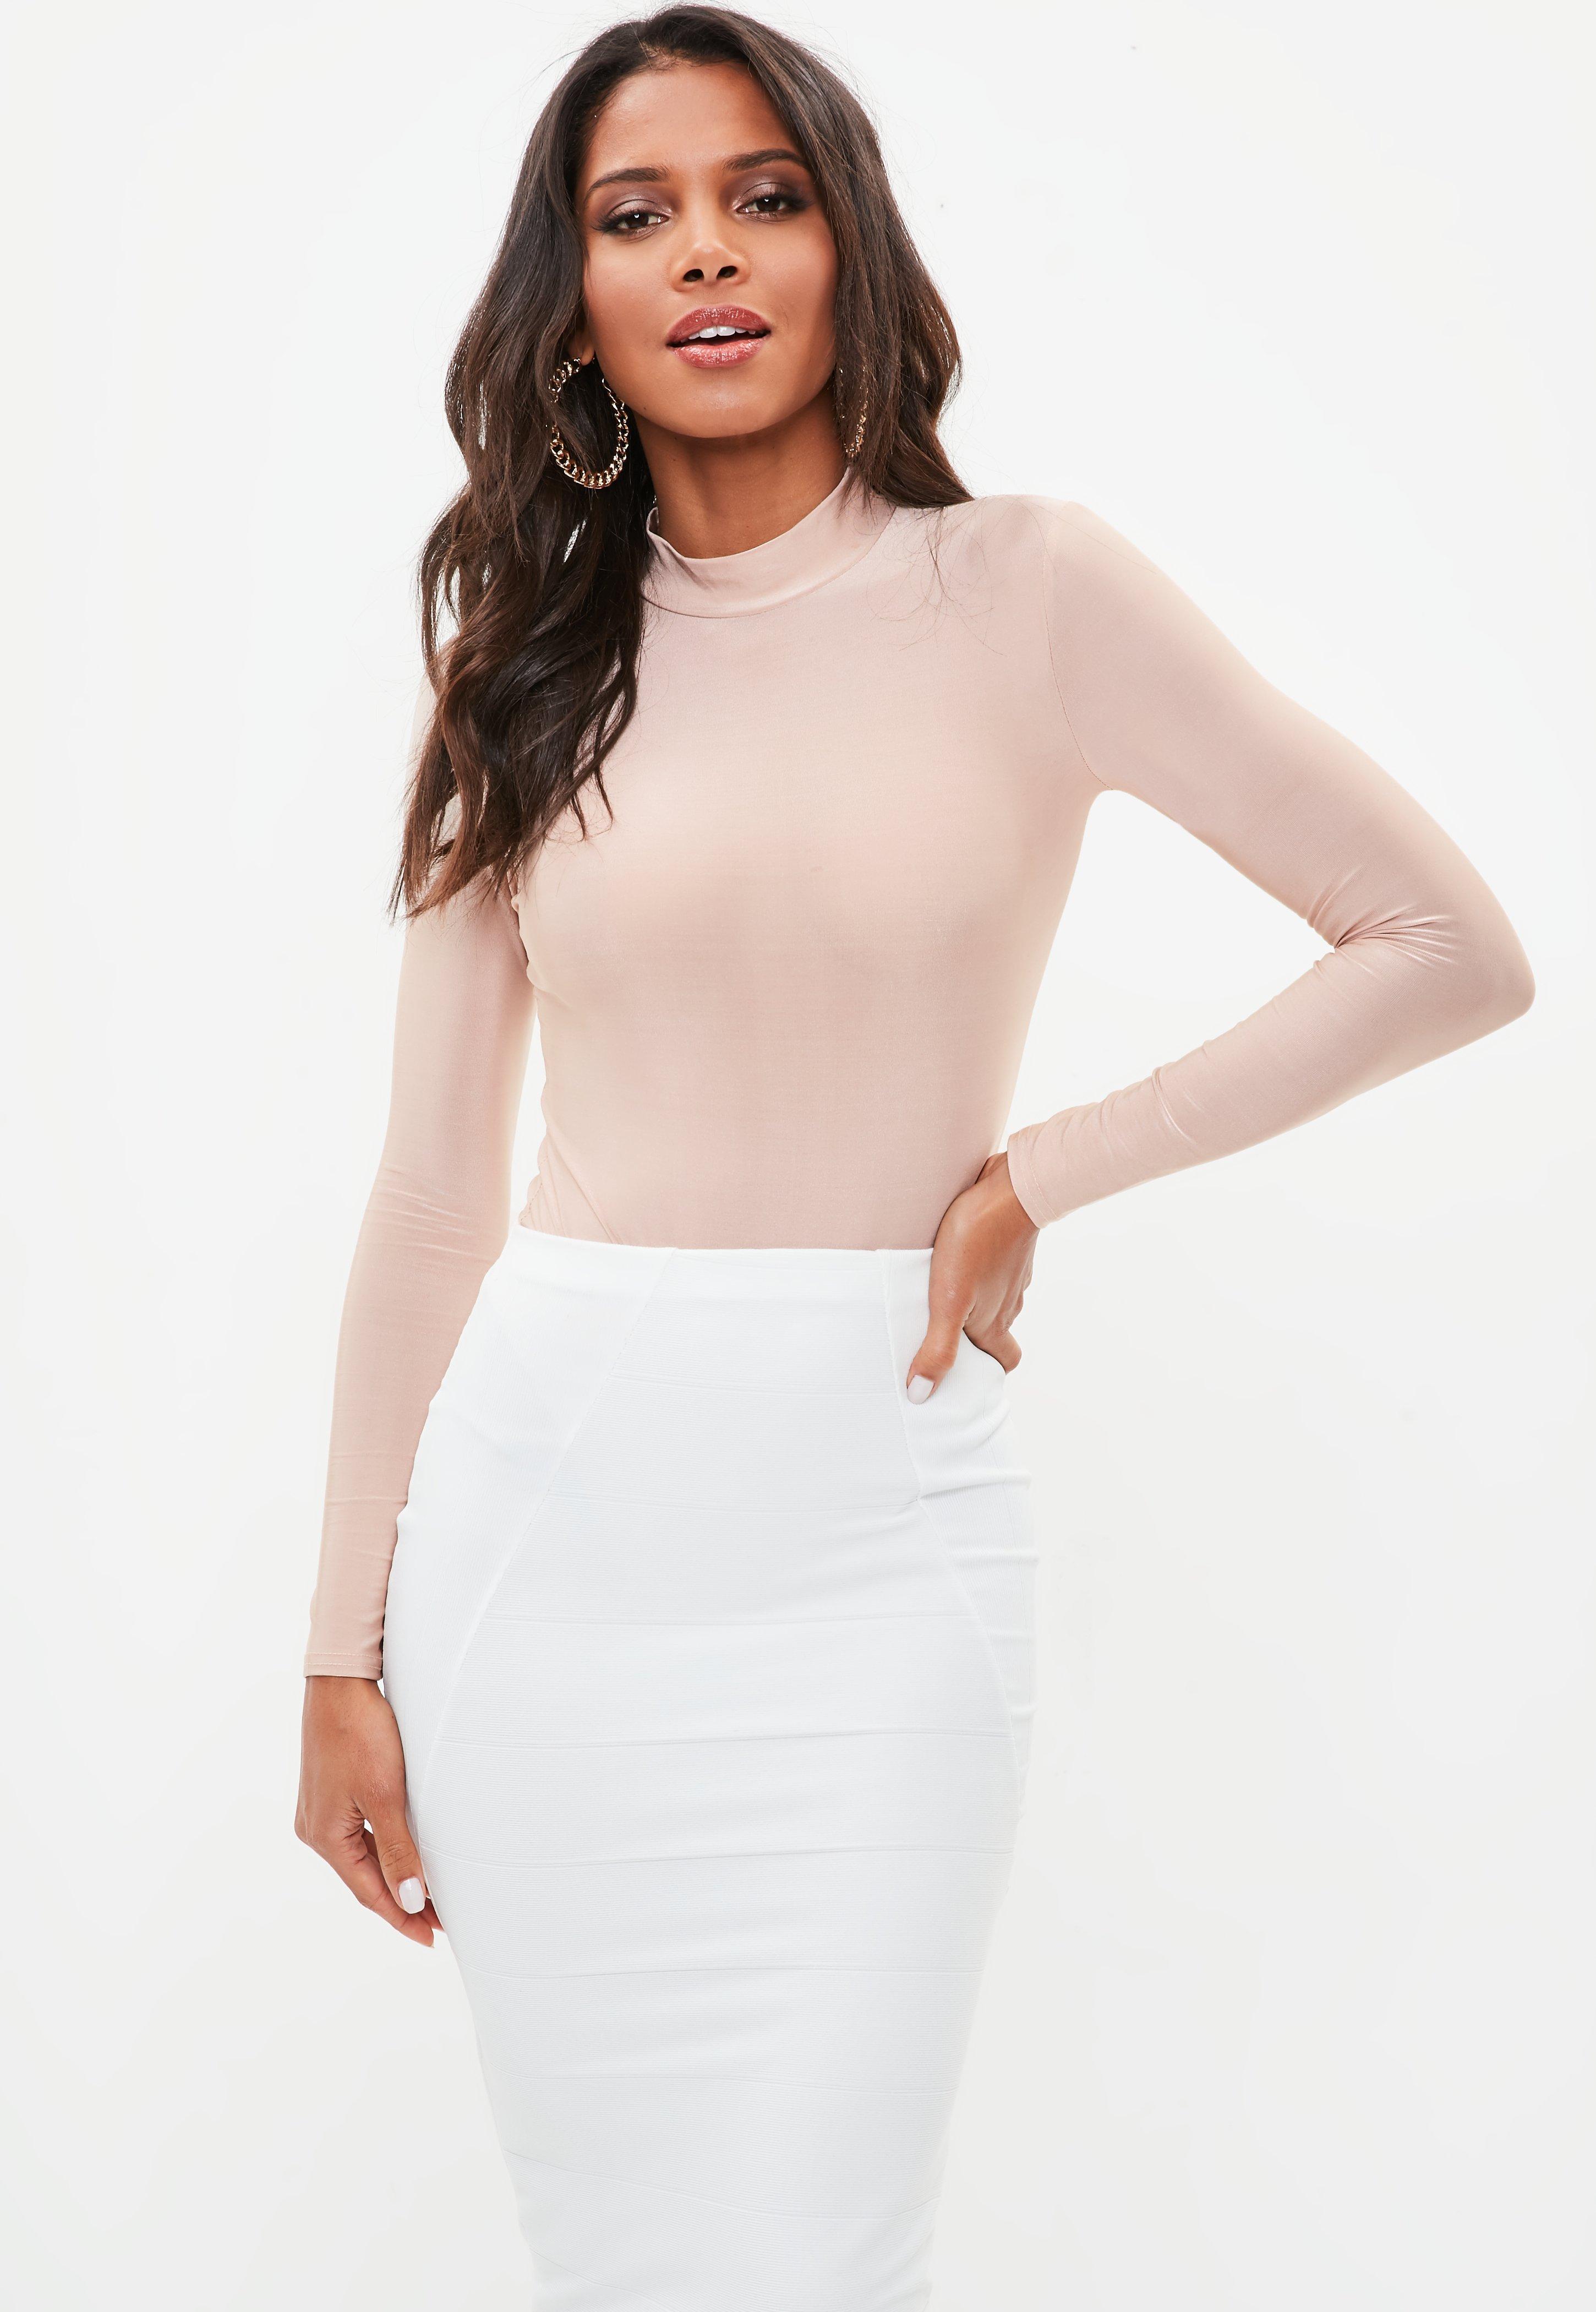 Bien-aimé Body femme | Achat body habillé en ligne - Missguided WX57